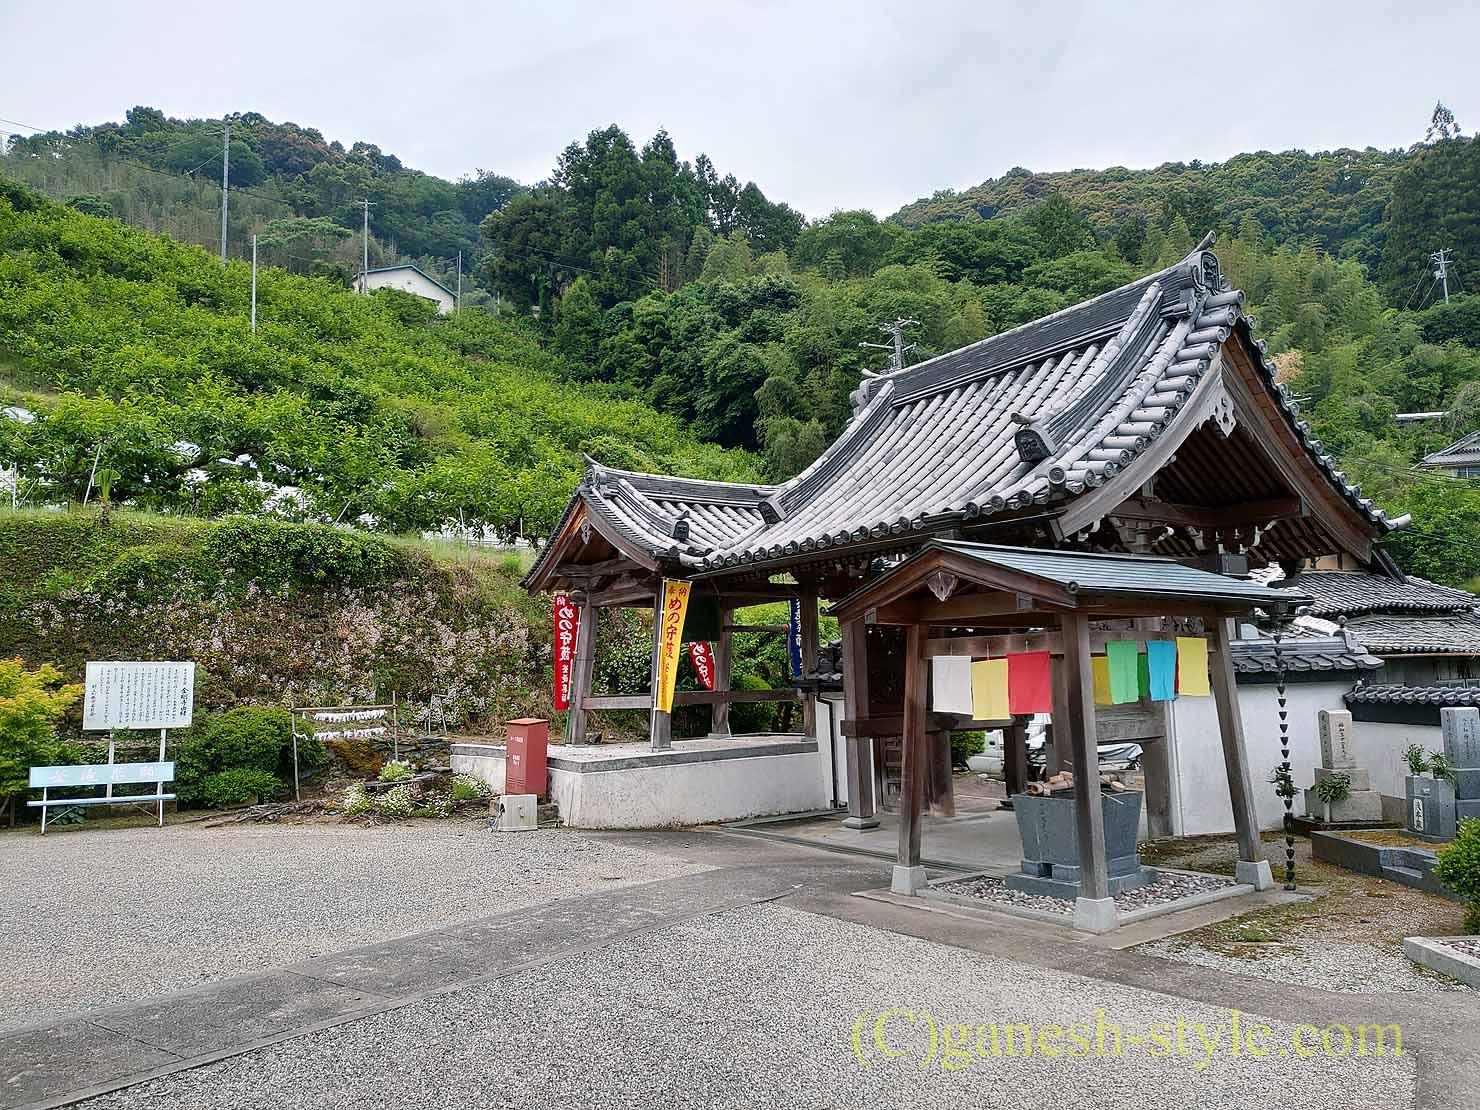 高野山の麓にある日本最古の眼病平癒所、釜滝薬師金剛寺